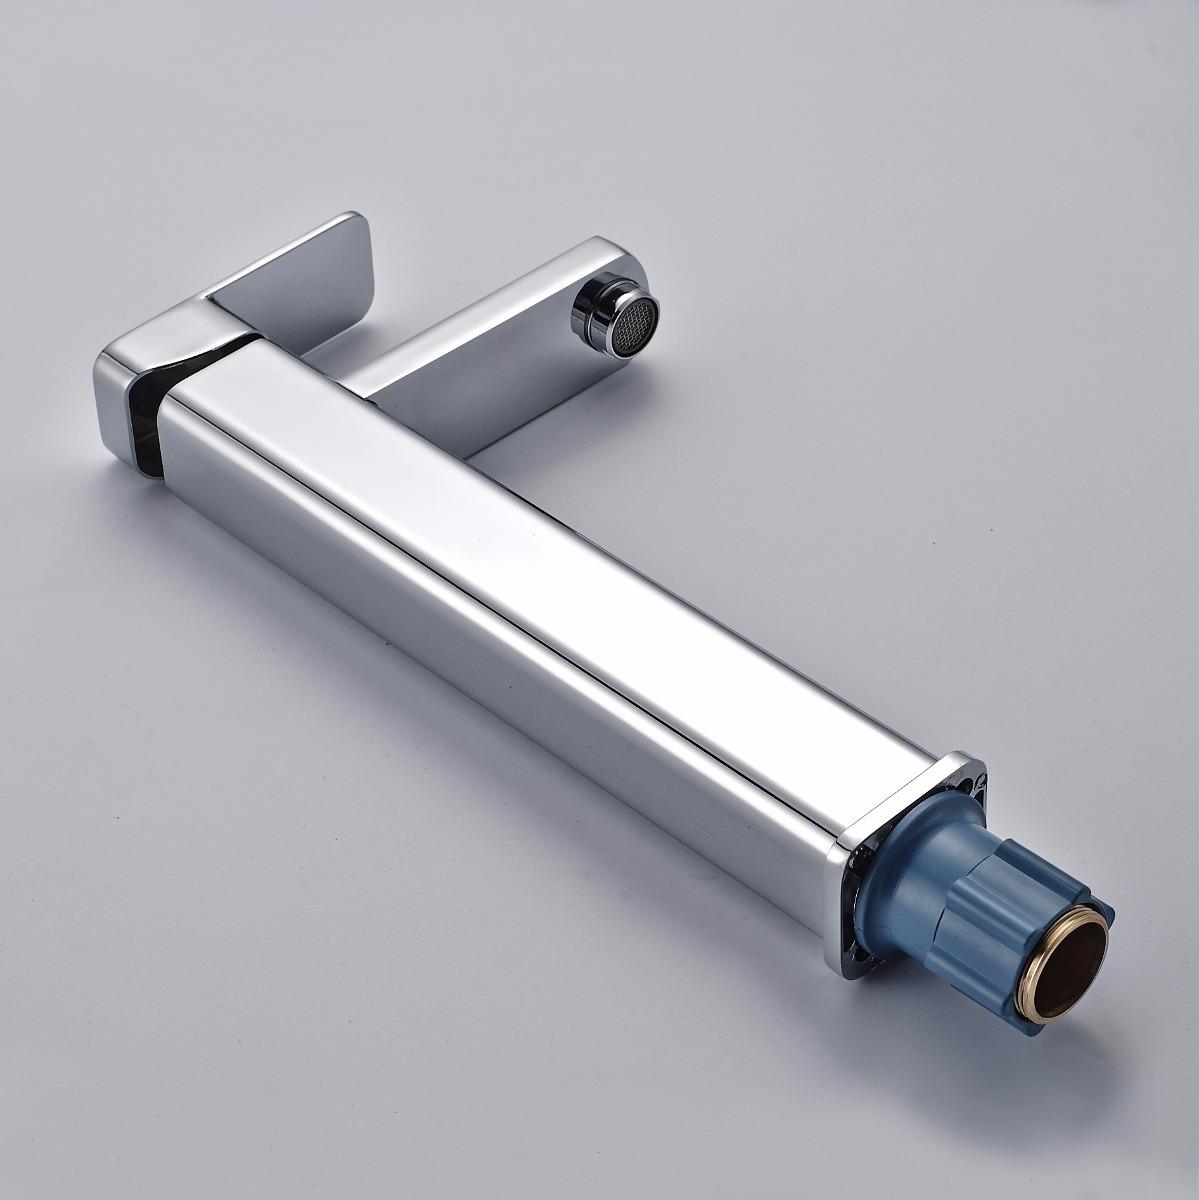 Odbo lb 9831h monomando mezcladora para lavabo en cromo for Llave mezcladora para lavabo precio